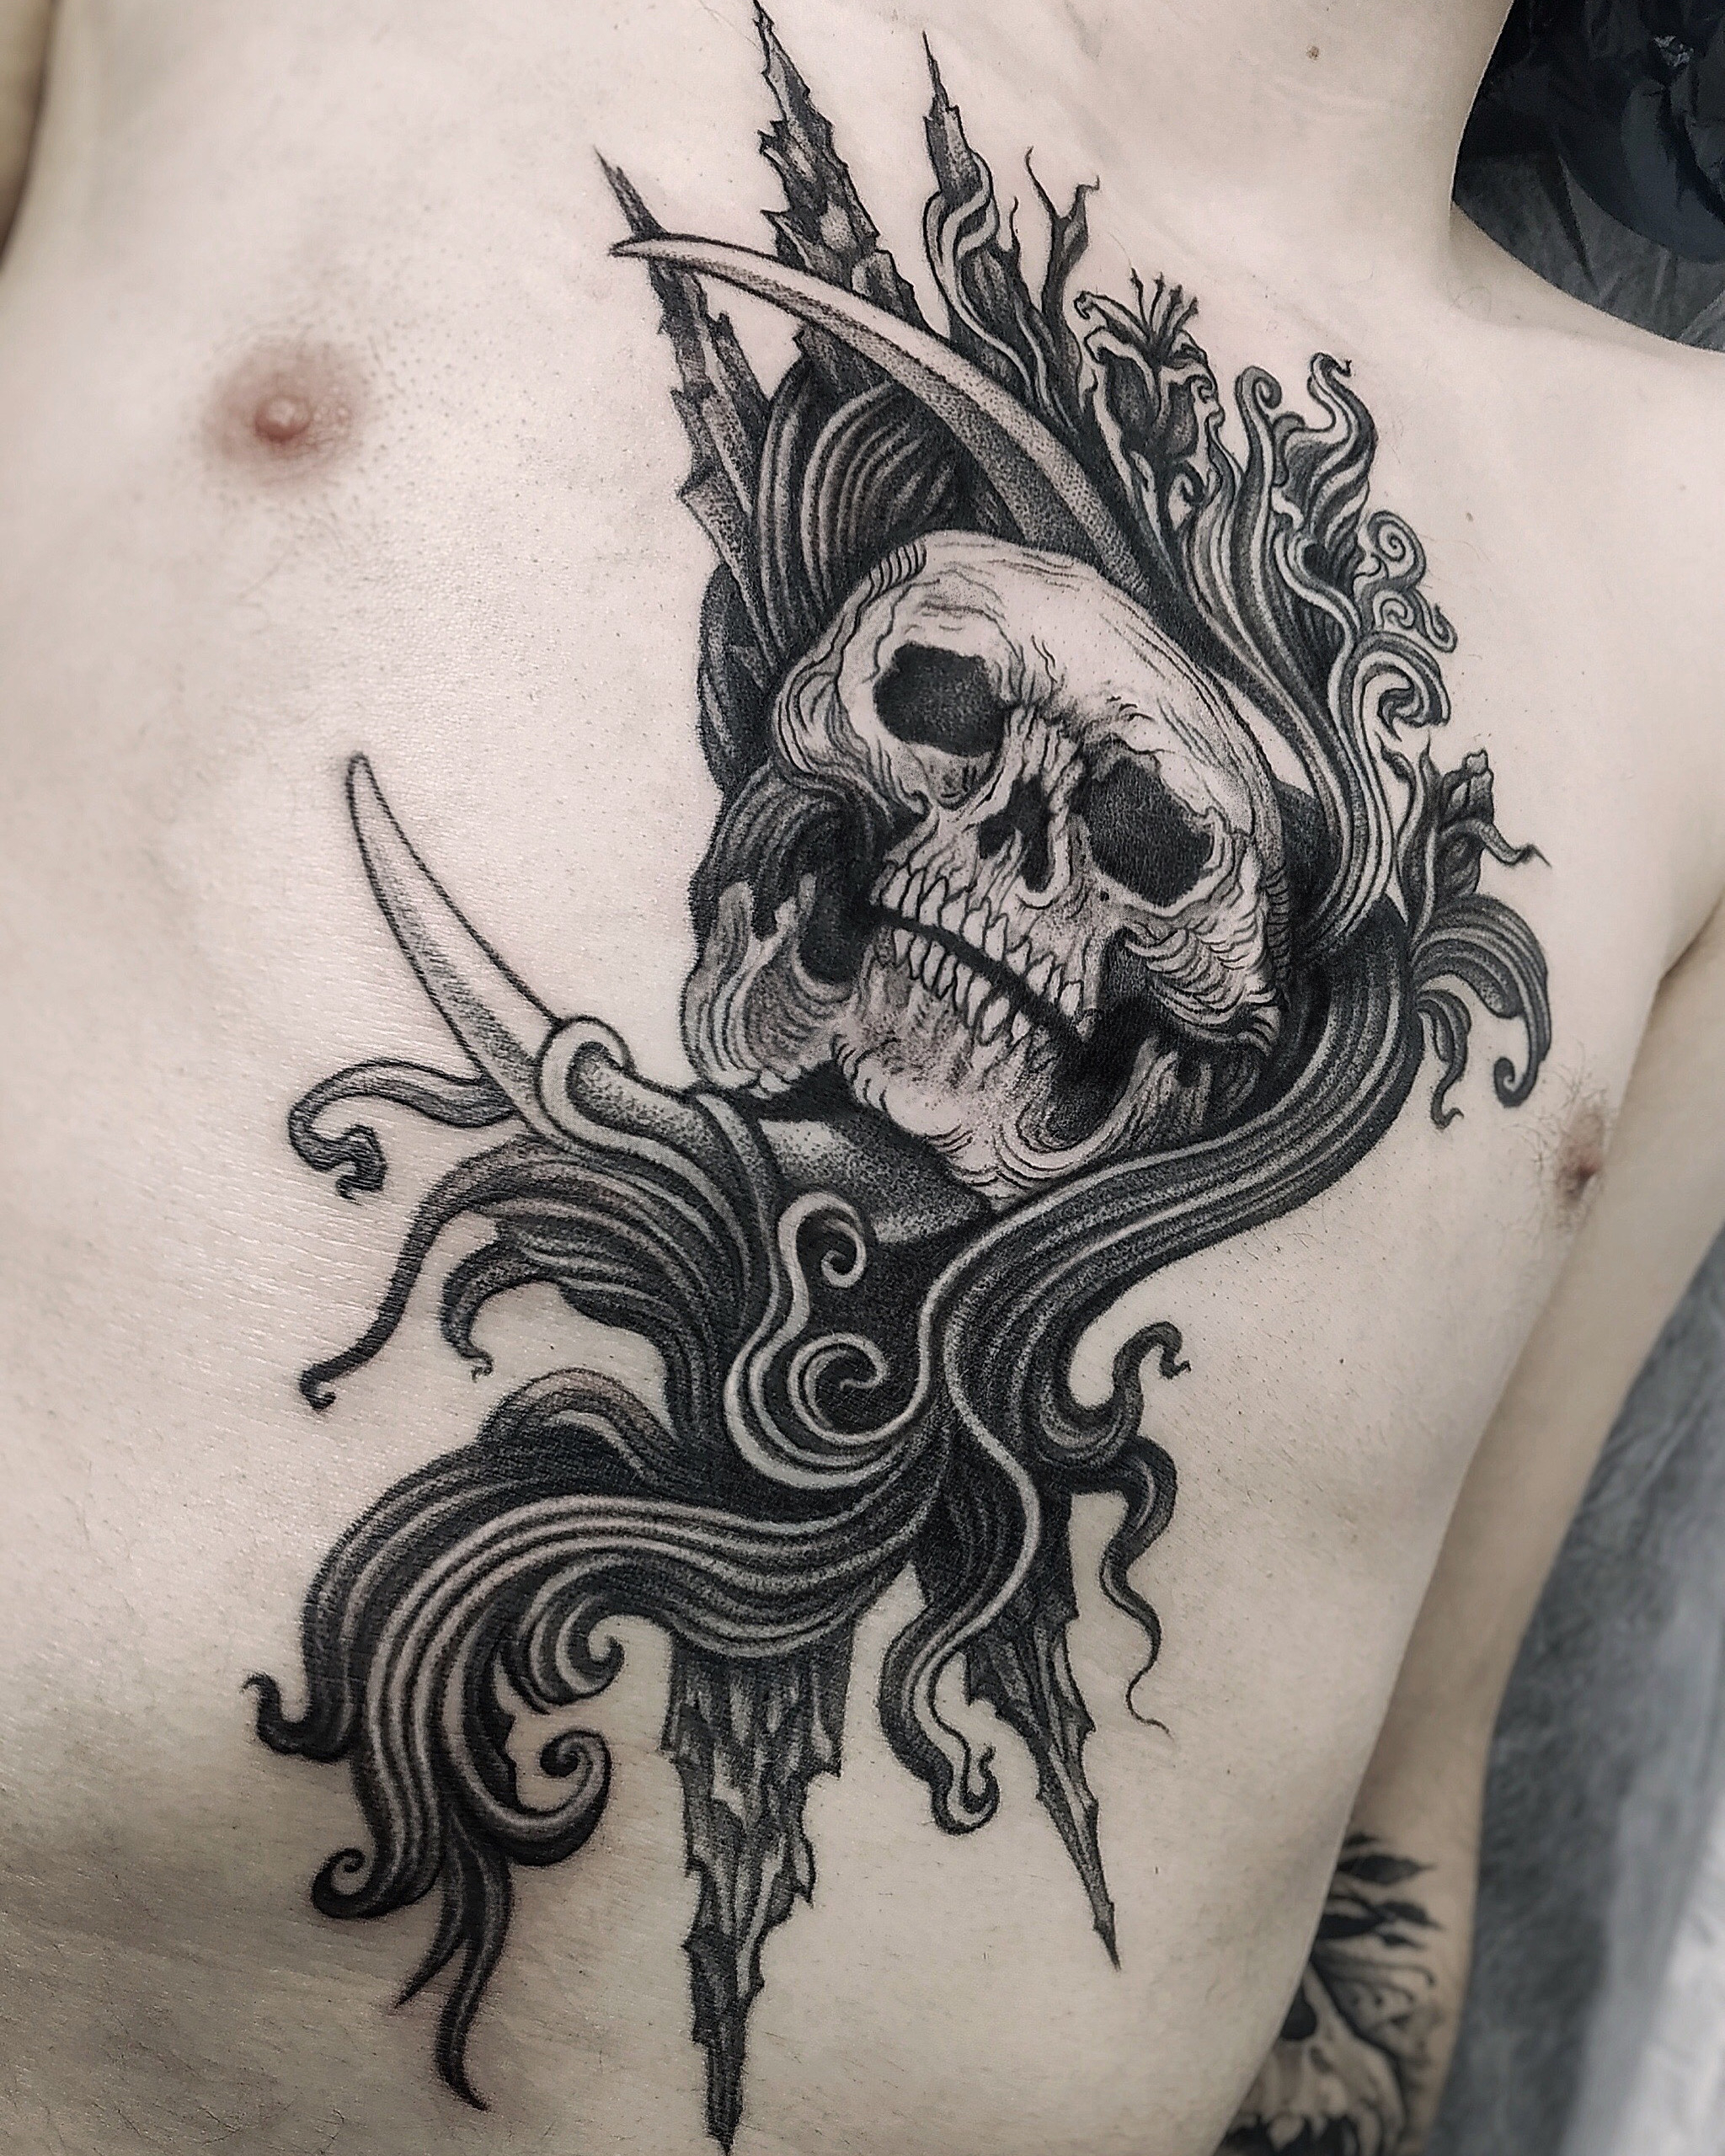 Inksearch tattoo Naphula - Sasha Adamovich